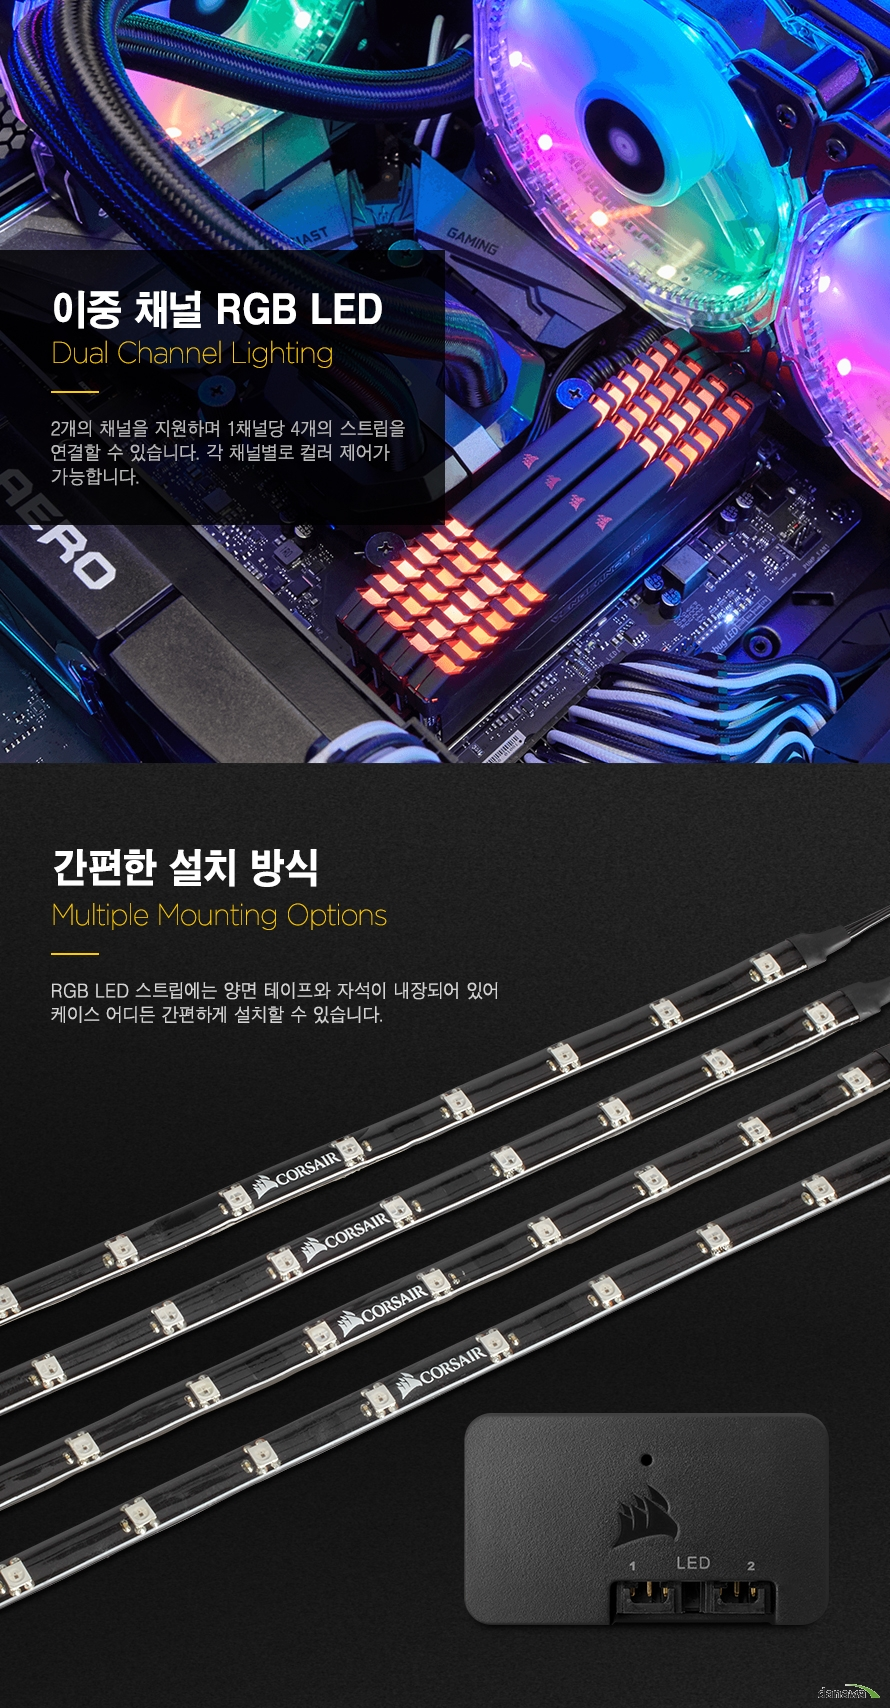 이중 채널 RGB LEDDual Channel Lighting2개의 채널을 지원하며 1채널당 4개의 스트립을 연결할 수 있습니다. 각 채널별로 컬러 제어가가능합니다.간편한 설치 방식Multiple Mounting OptionsRGB LED 스트립에는 양면 테이프와 자석이 내장되어 있어 케이스 어디든 간편하게 설치할 수 있습니다.